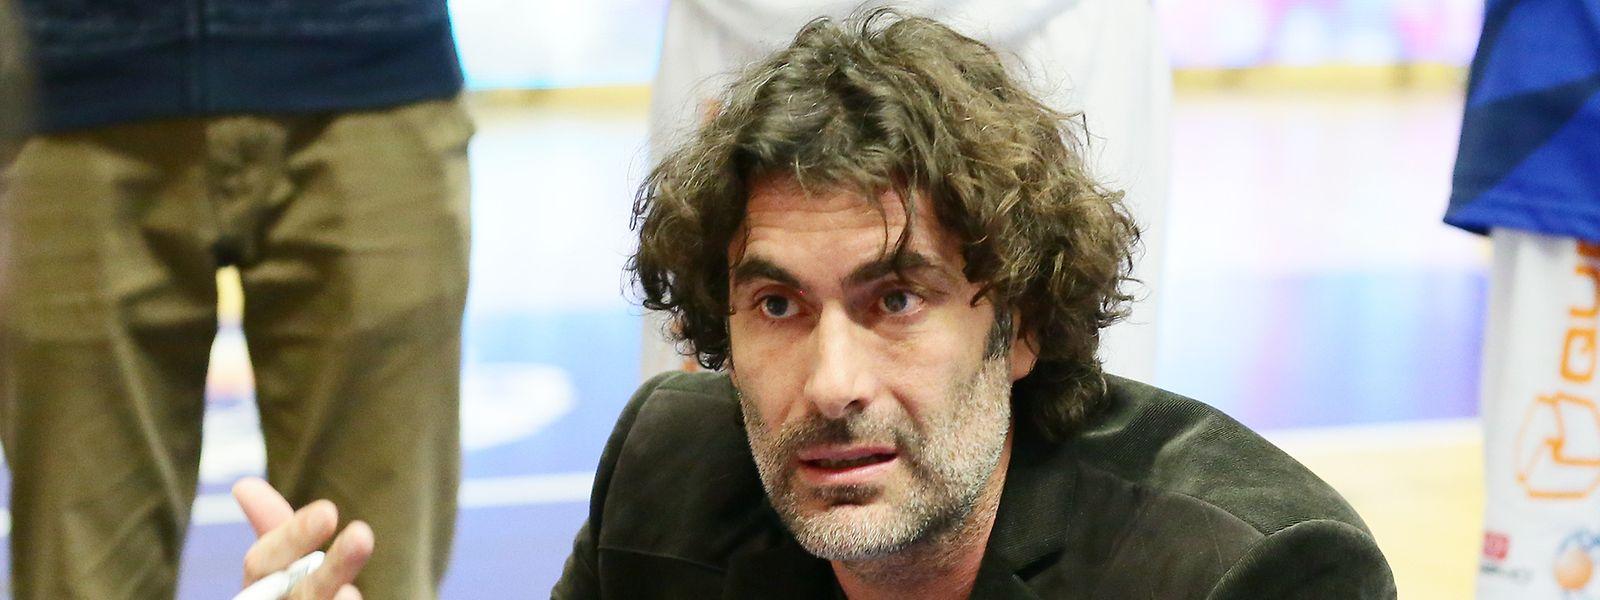 Franck Mériguet kehrt zurück auf seinen alten Posten.